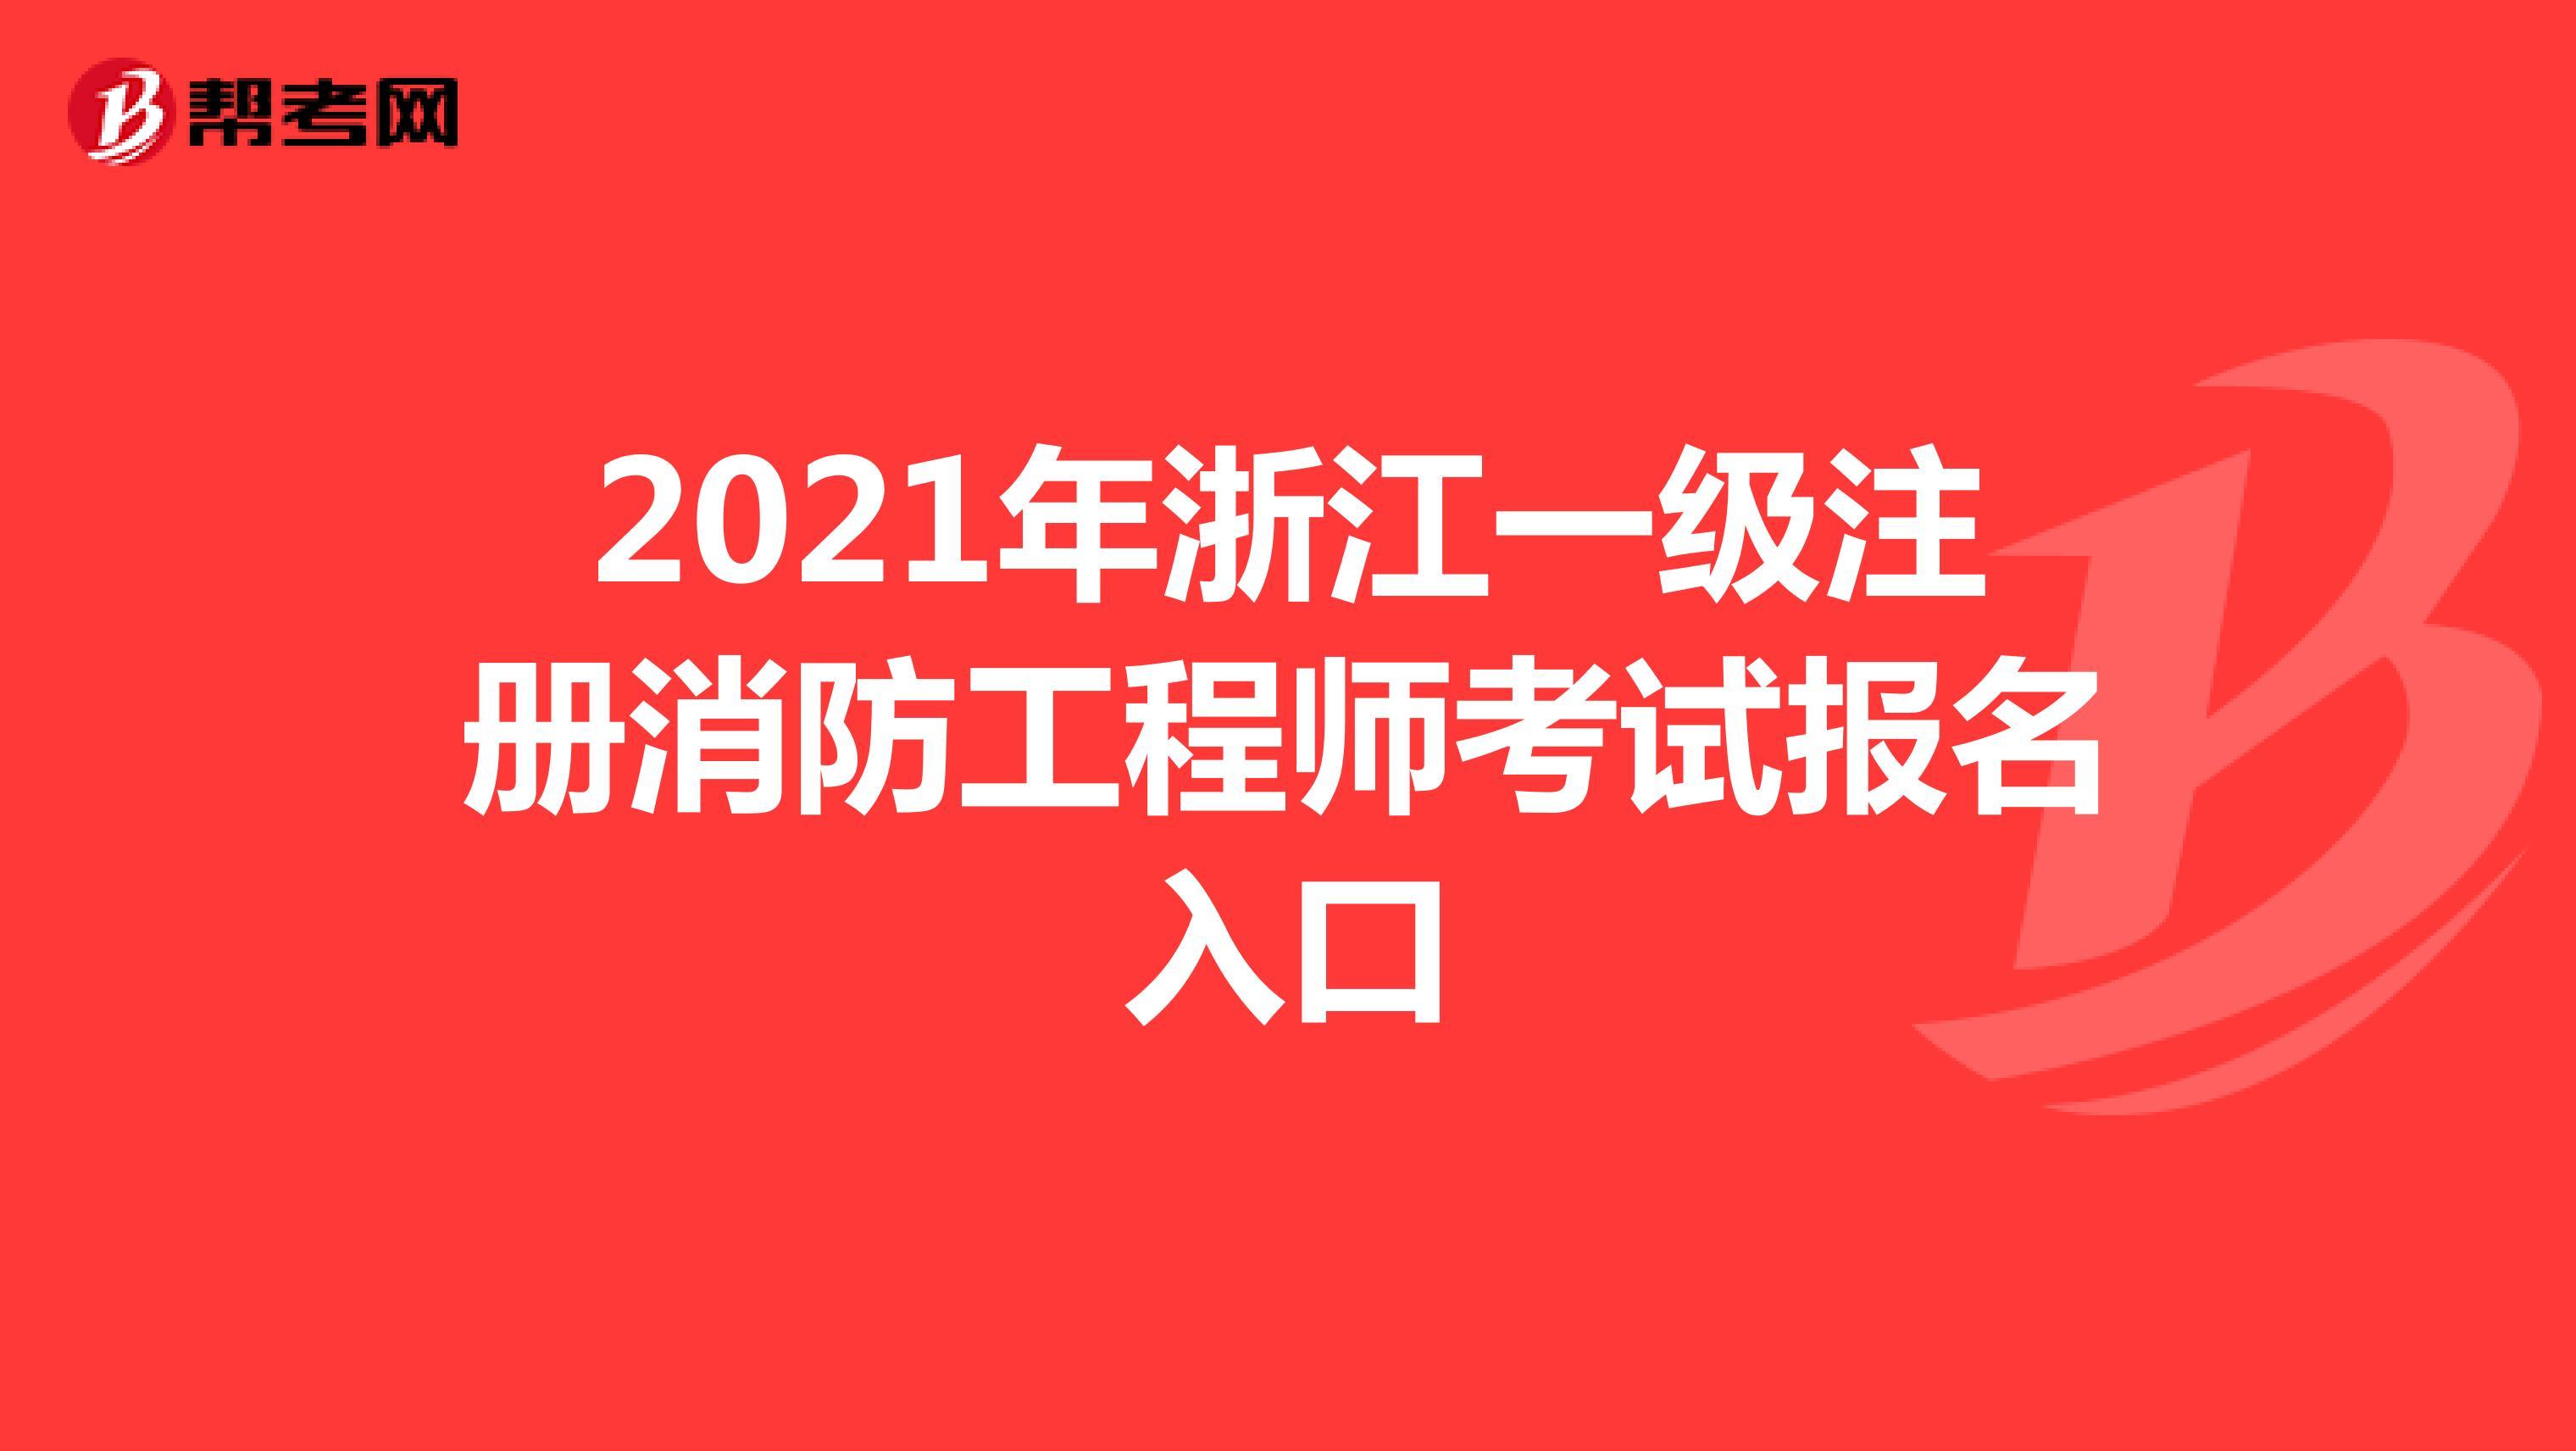 2021年浙江一級注冊消防工程師考試報名入口